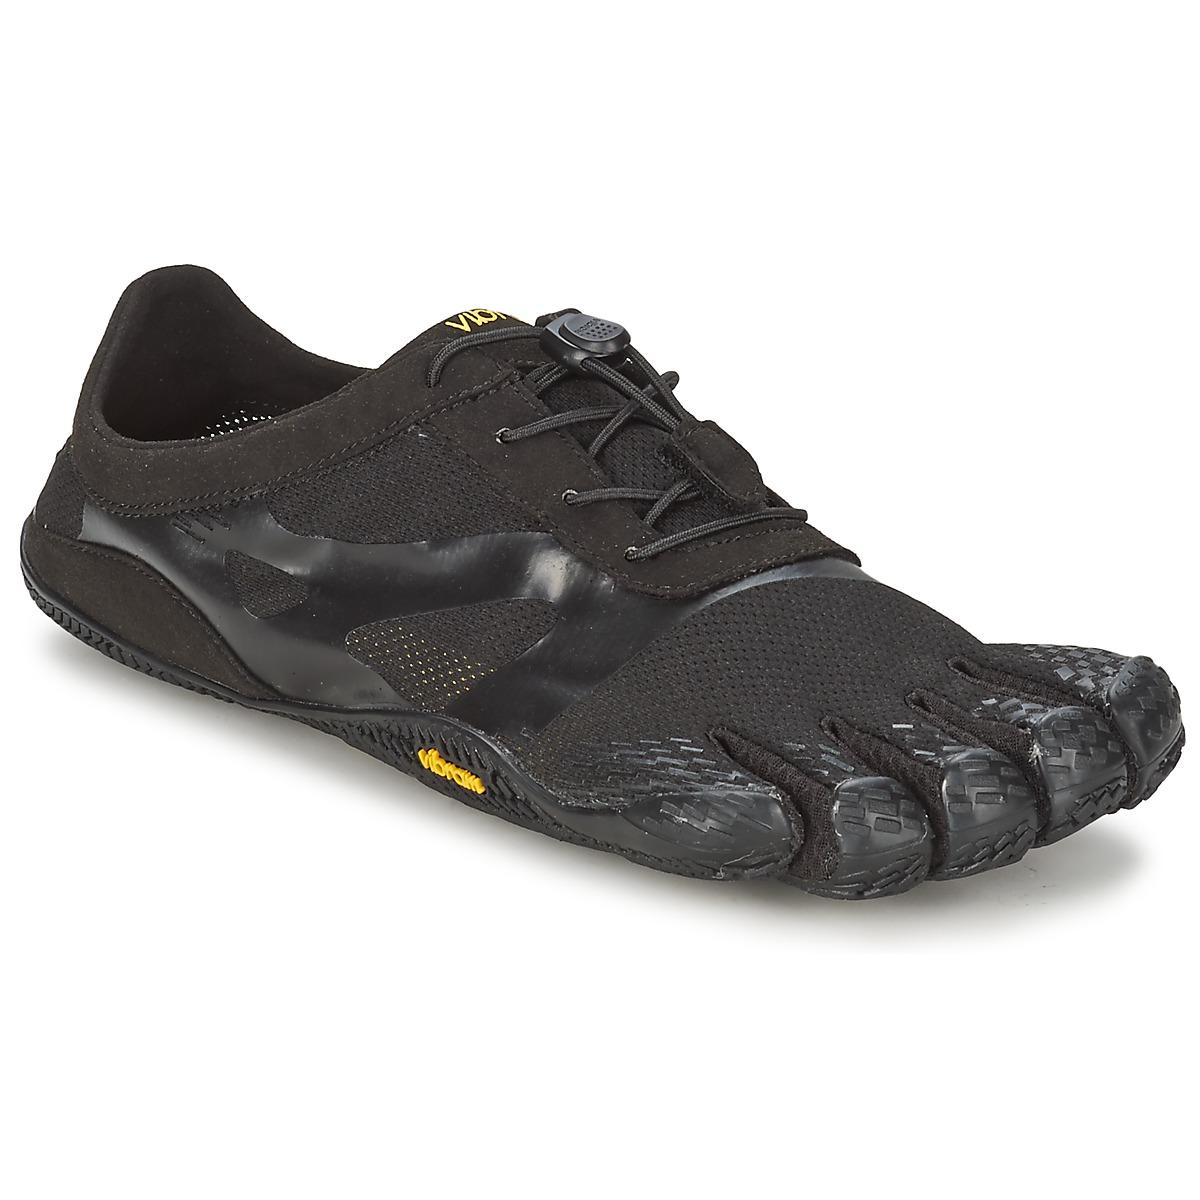 running shoes vibram fivefingers kso evo black free. Black Bedroom Furniture Sets. Home Design Ideas